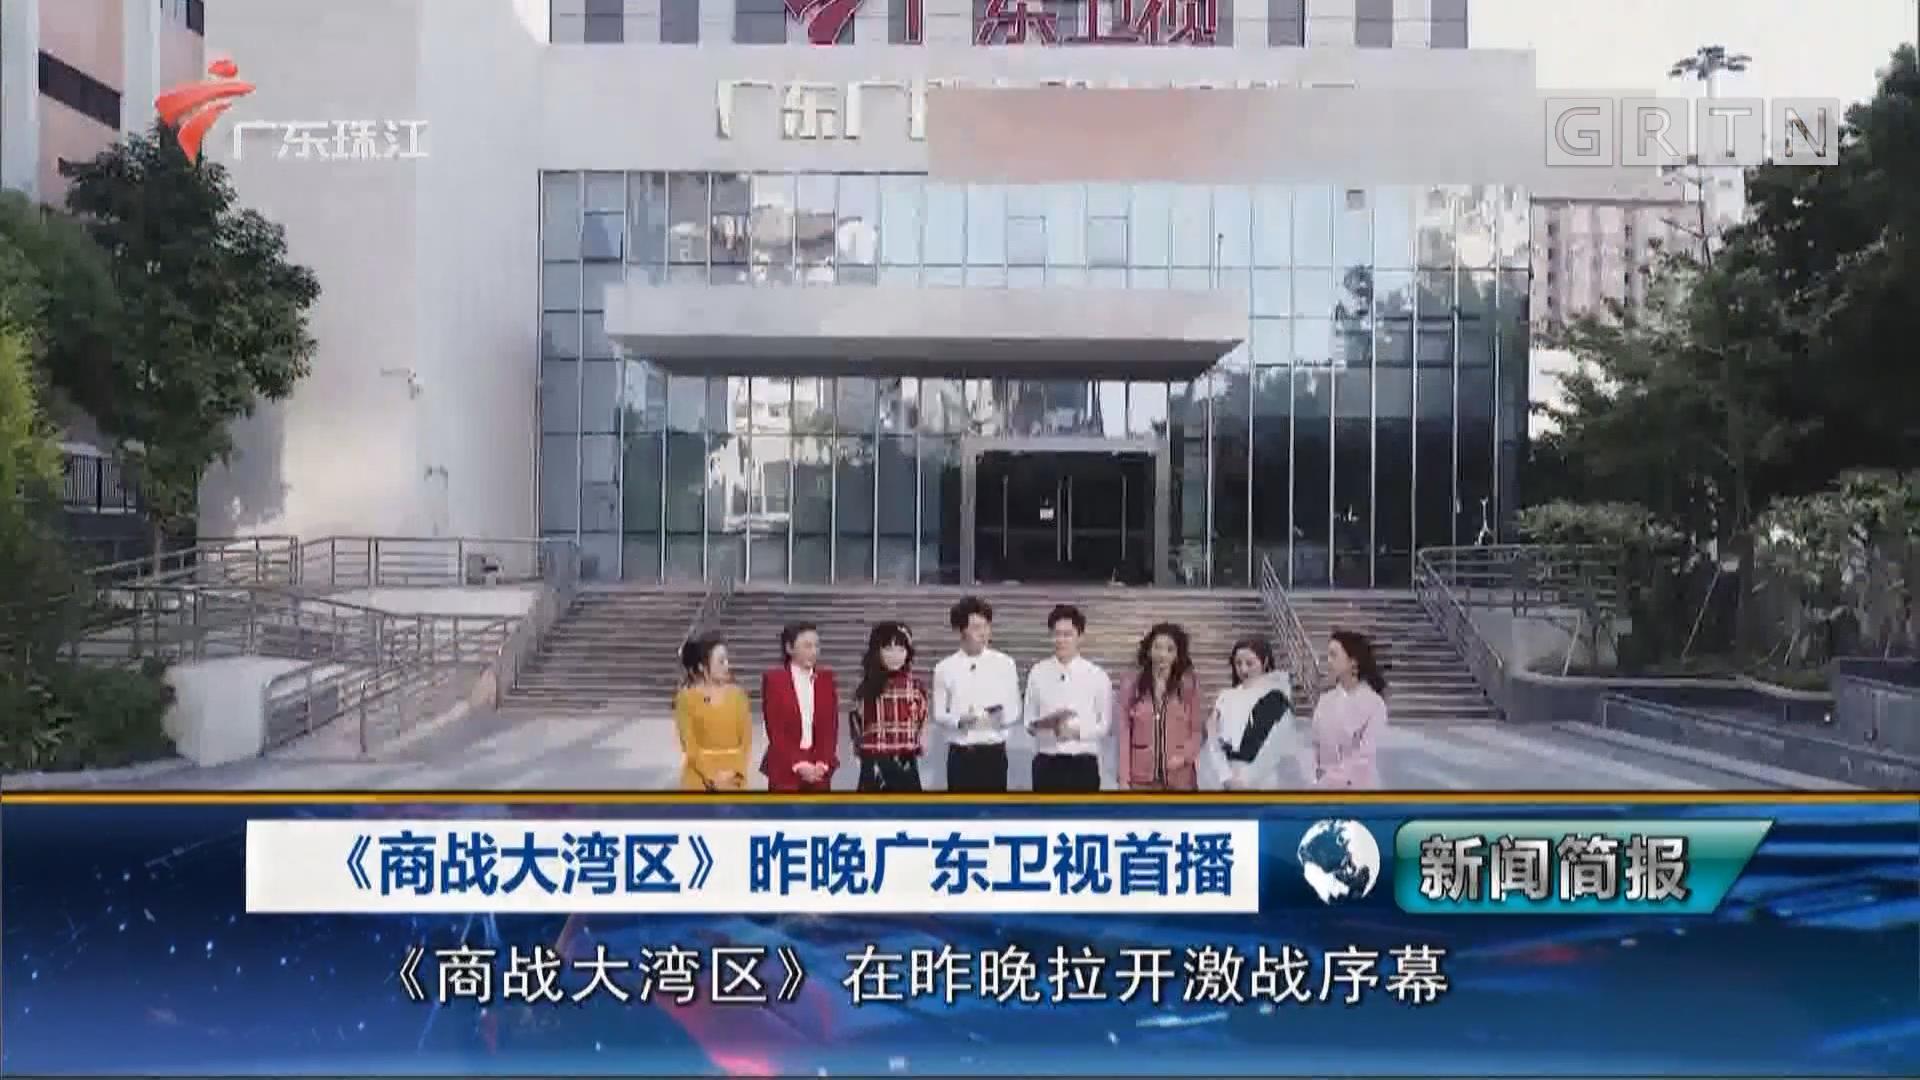 《商战大湾区》昨晚广东卫视首播